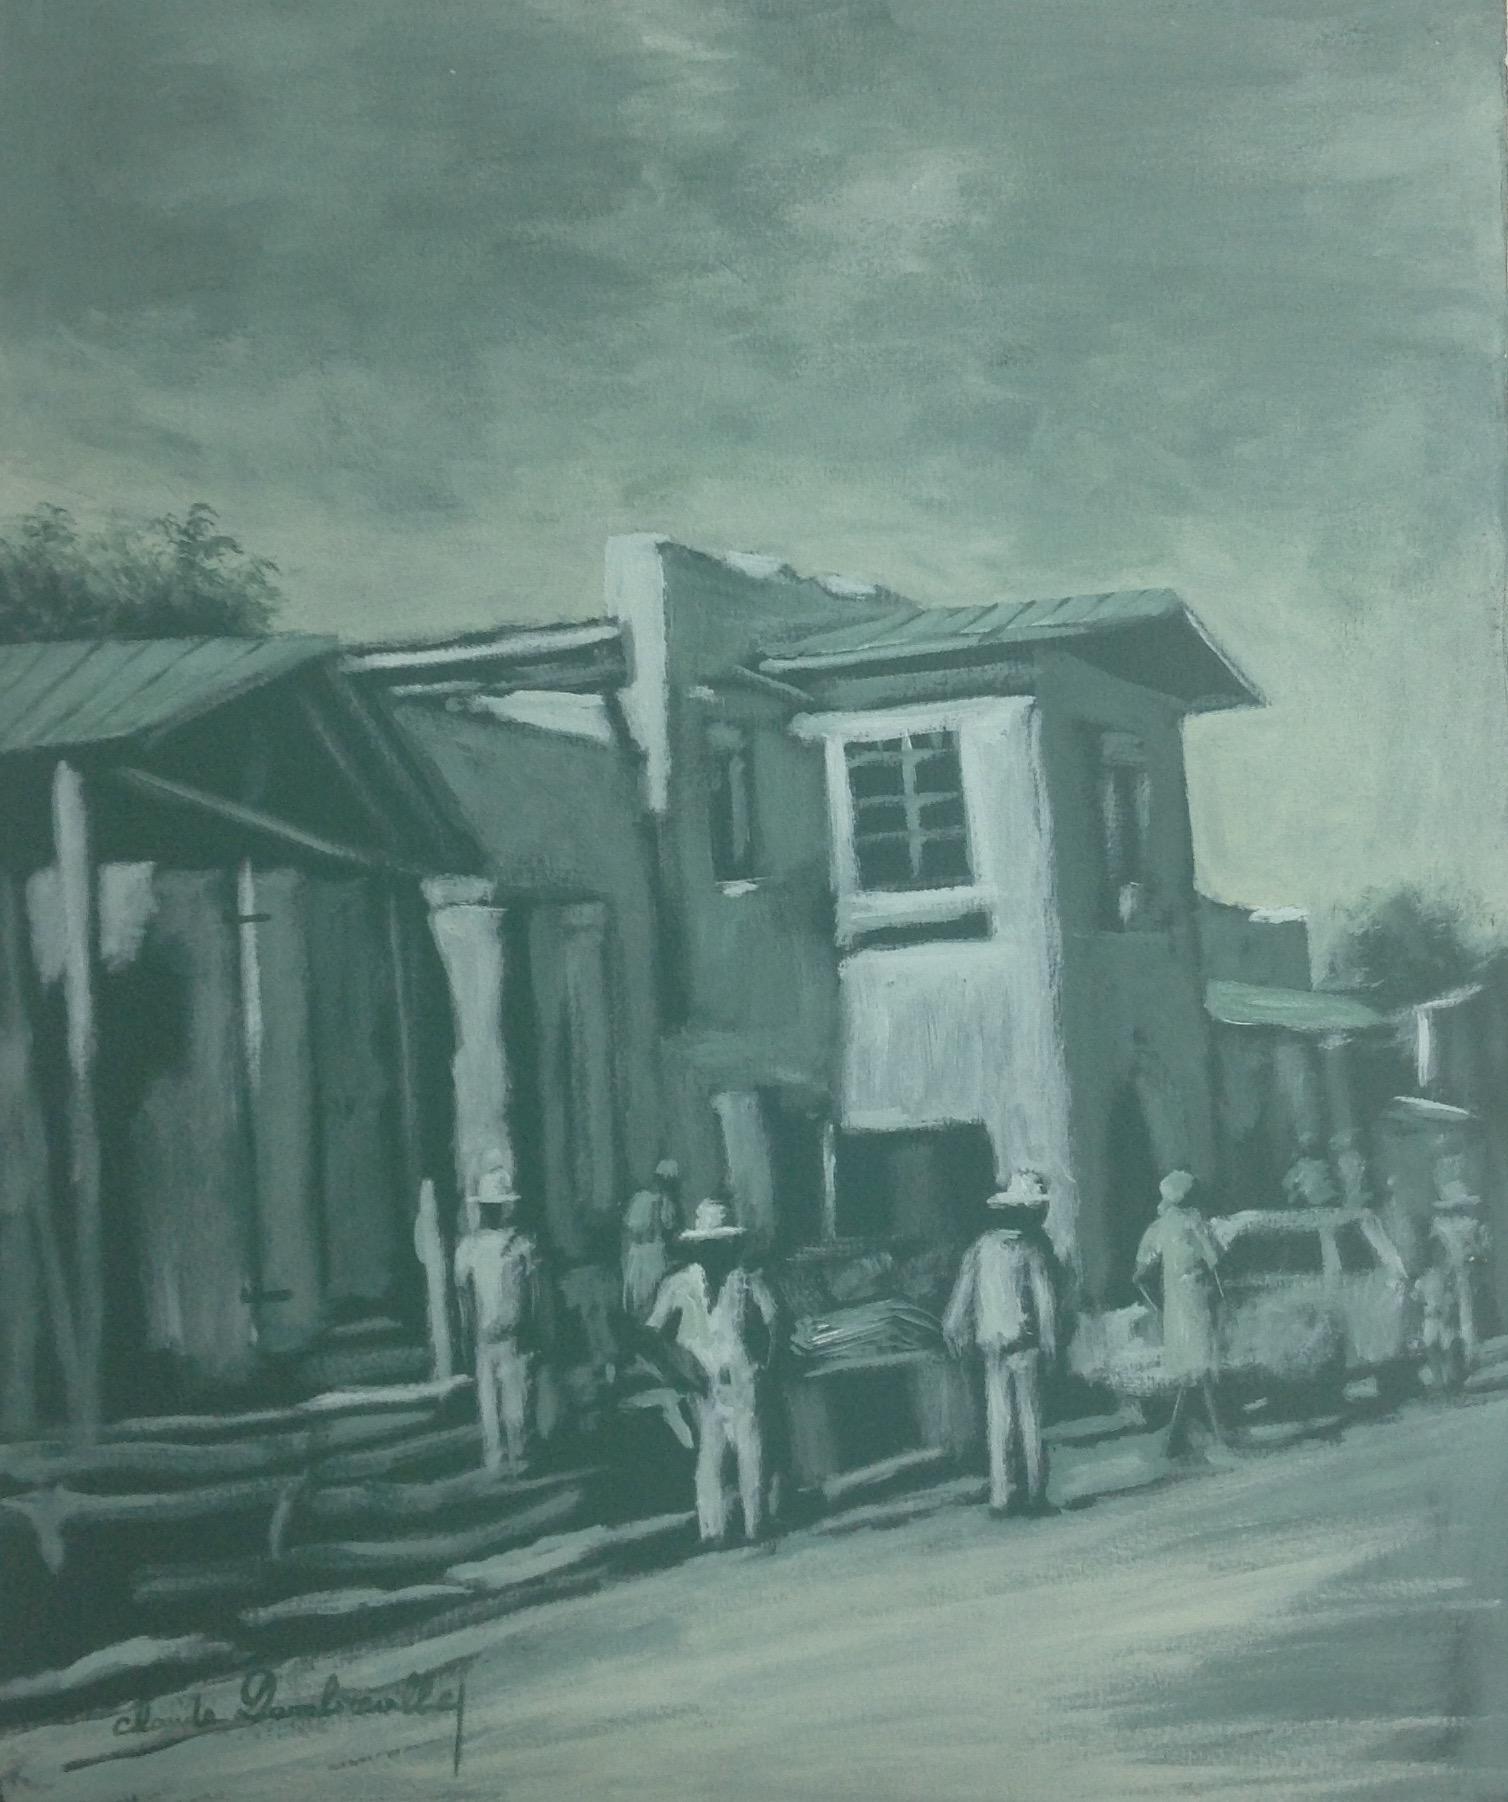 Dambreville Claude 20X24 #84-3-96 canvas 1997